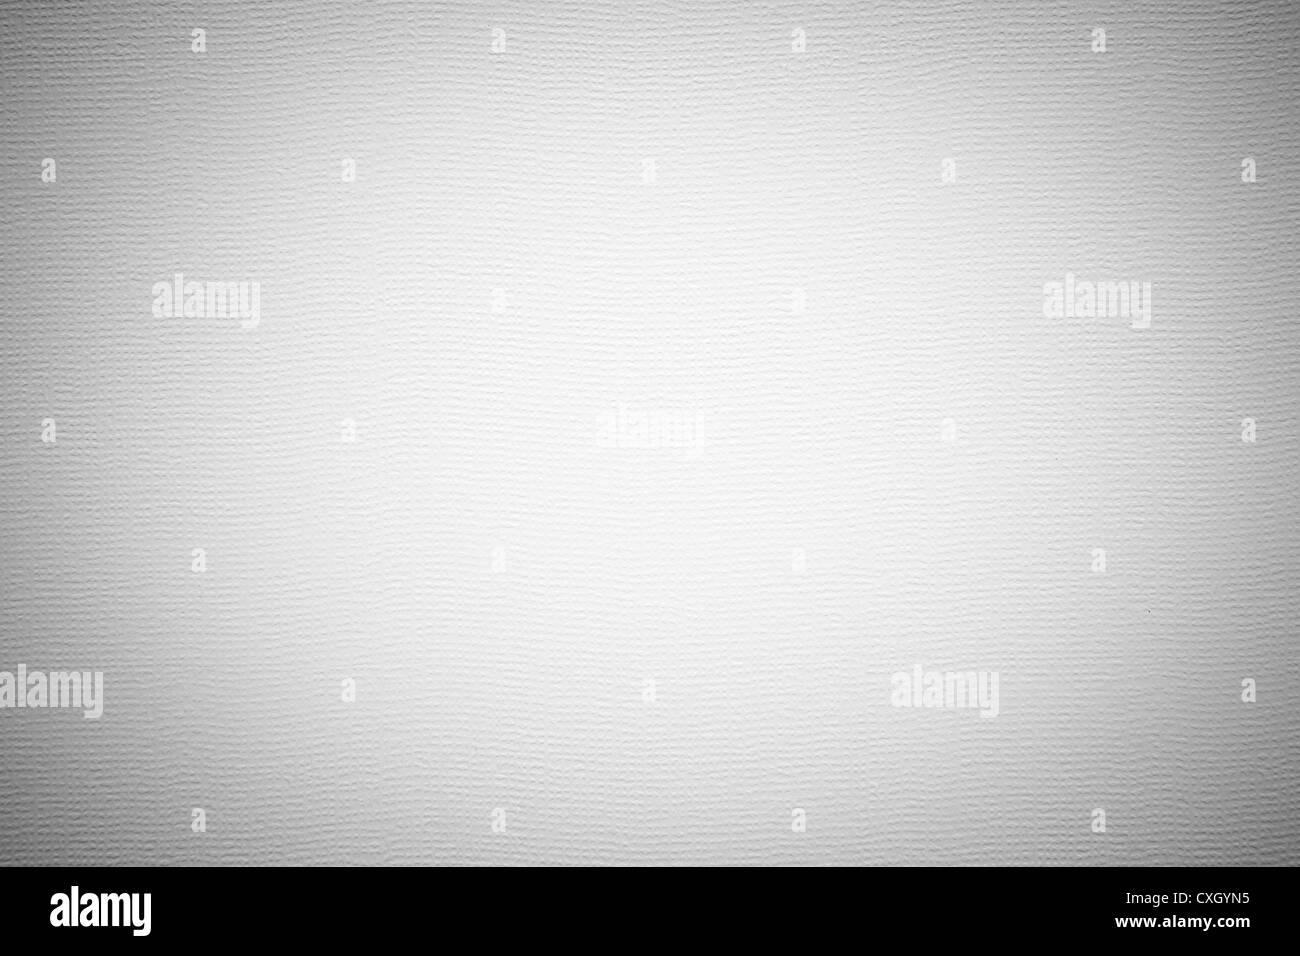 Weißes Papier Textur oder Hintergrund. Stockbild